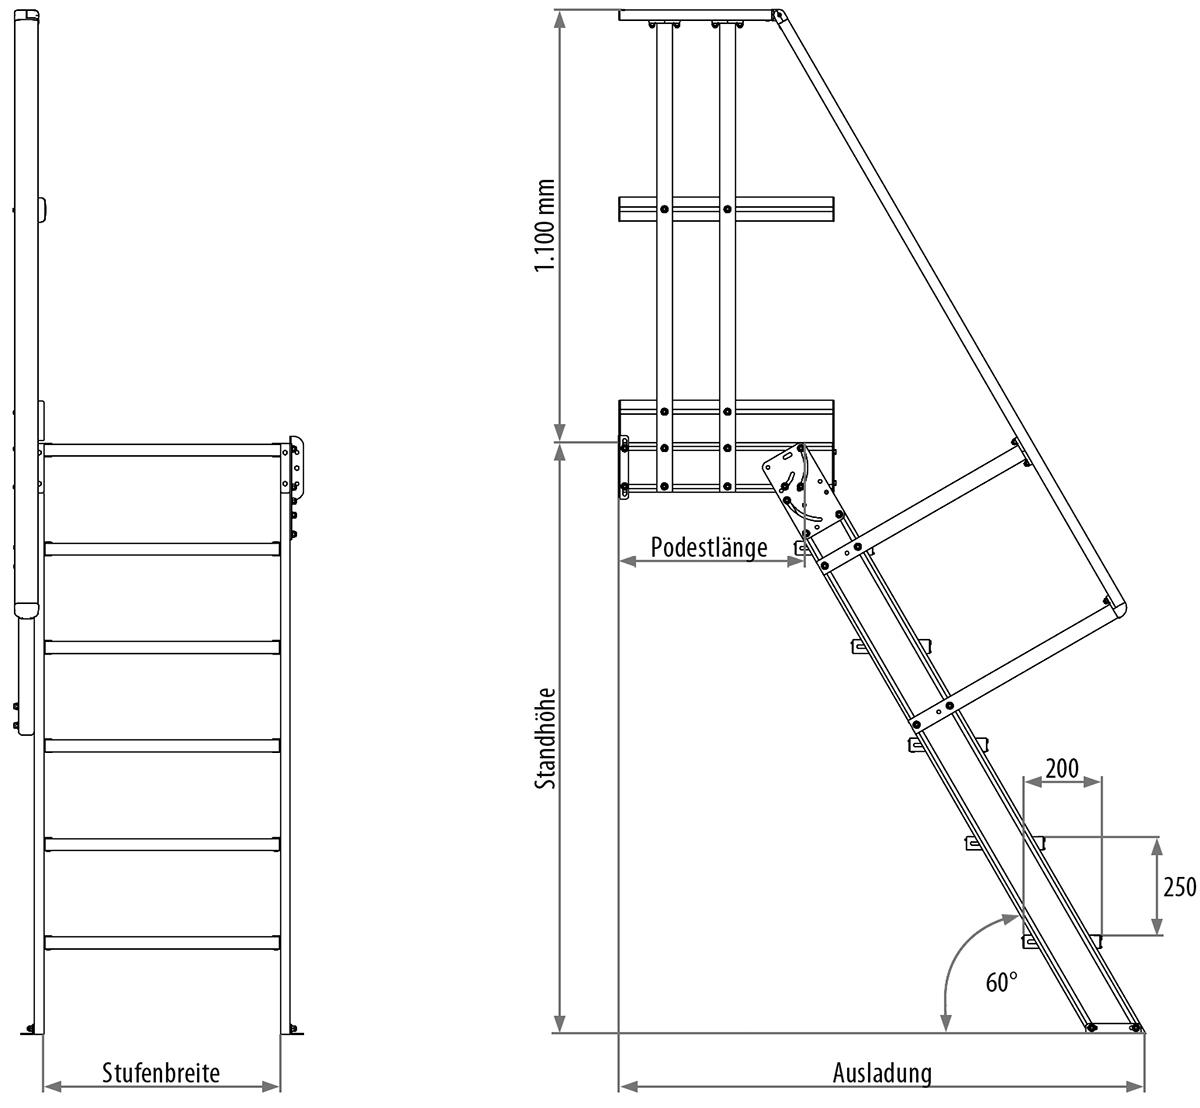 Hymer Podesttreppe 60° 4 Stufen - 1000 mm